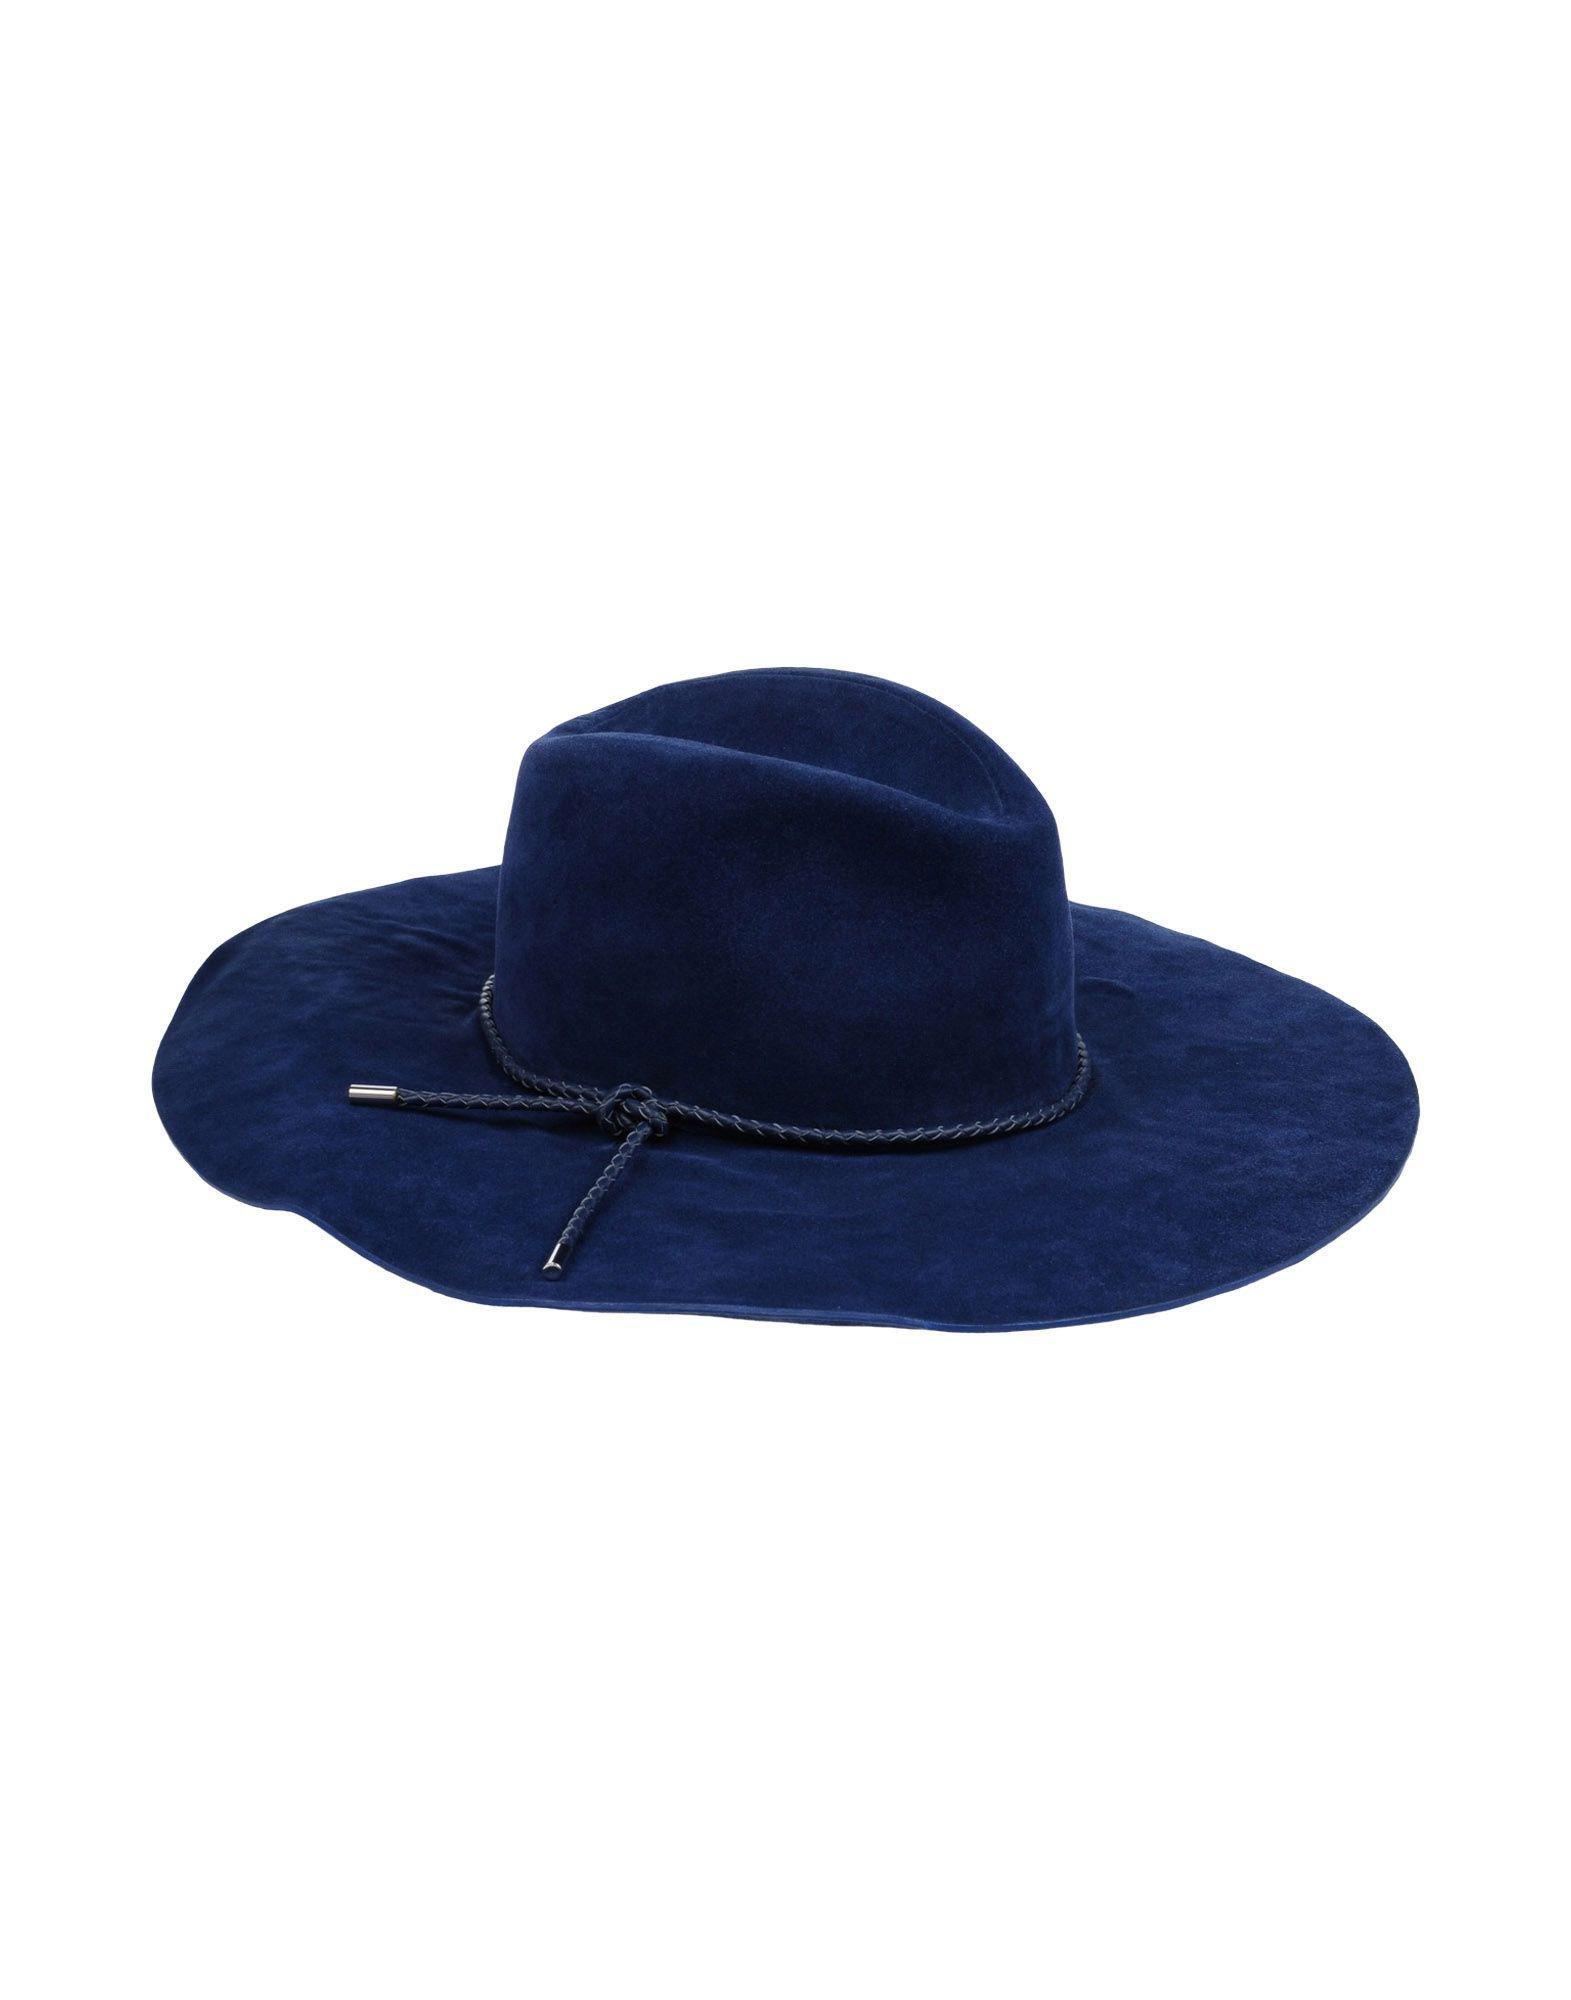 Lyst - Emilio Pucci Hats in Blue 4454f8b04da5